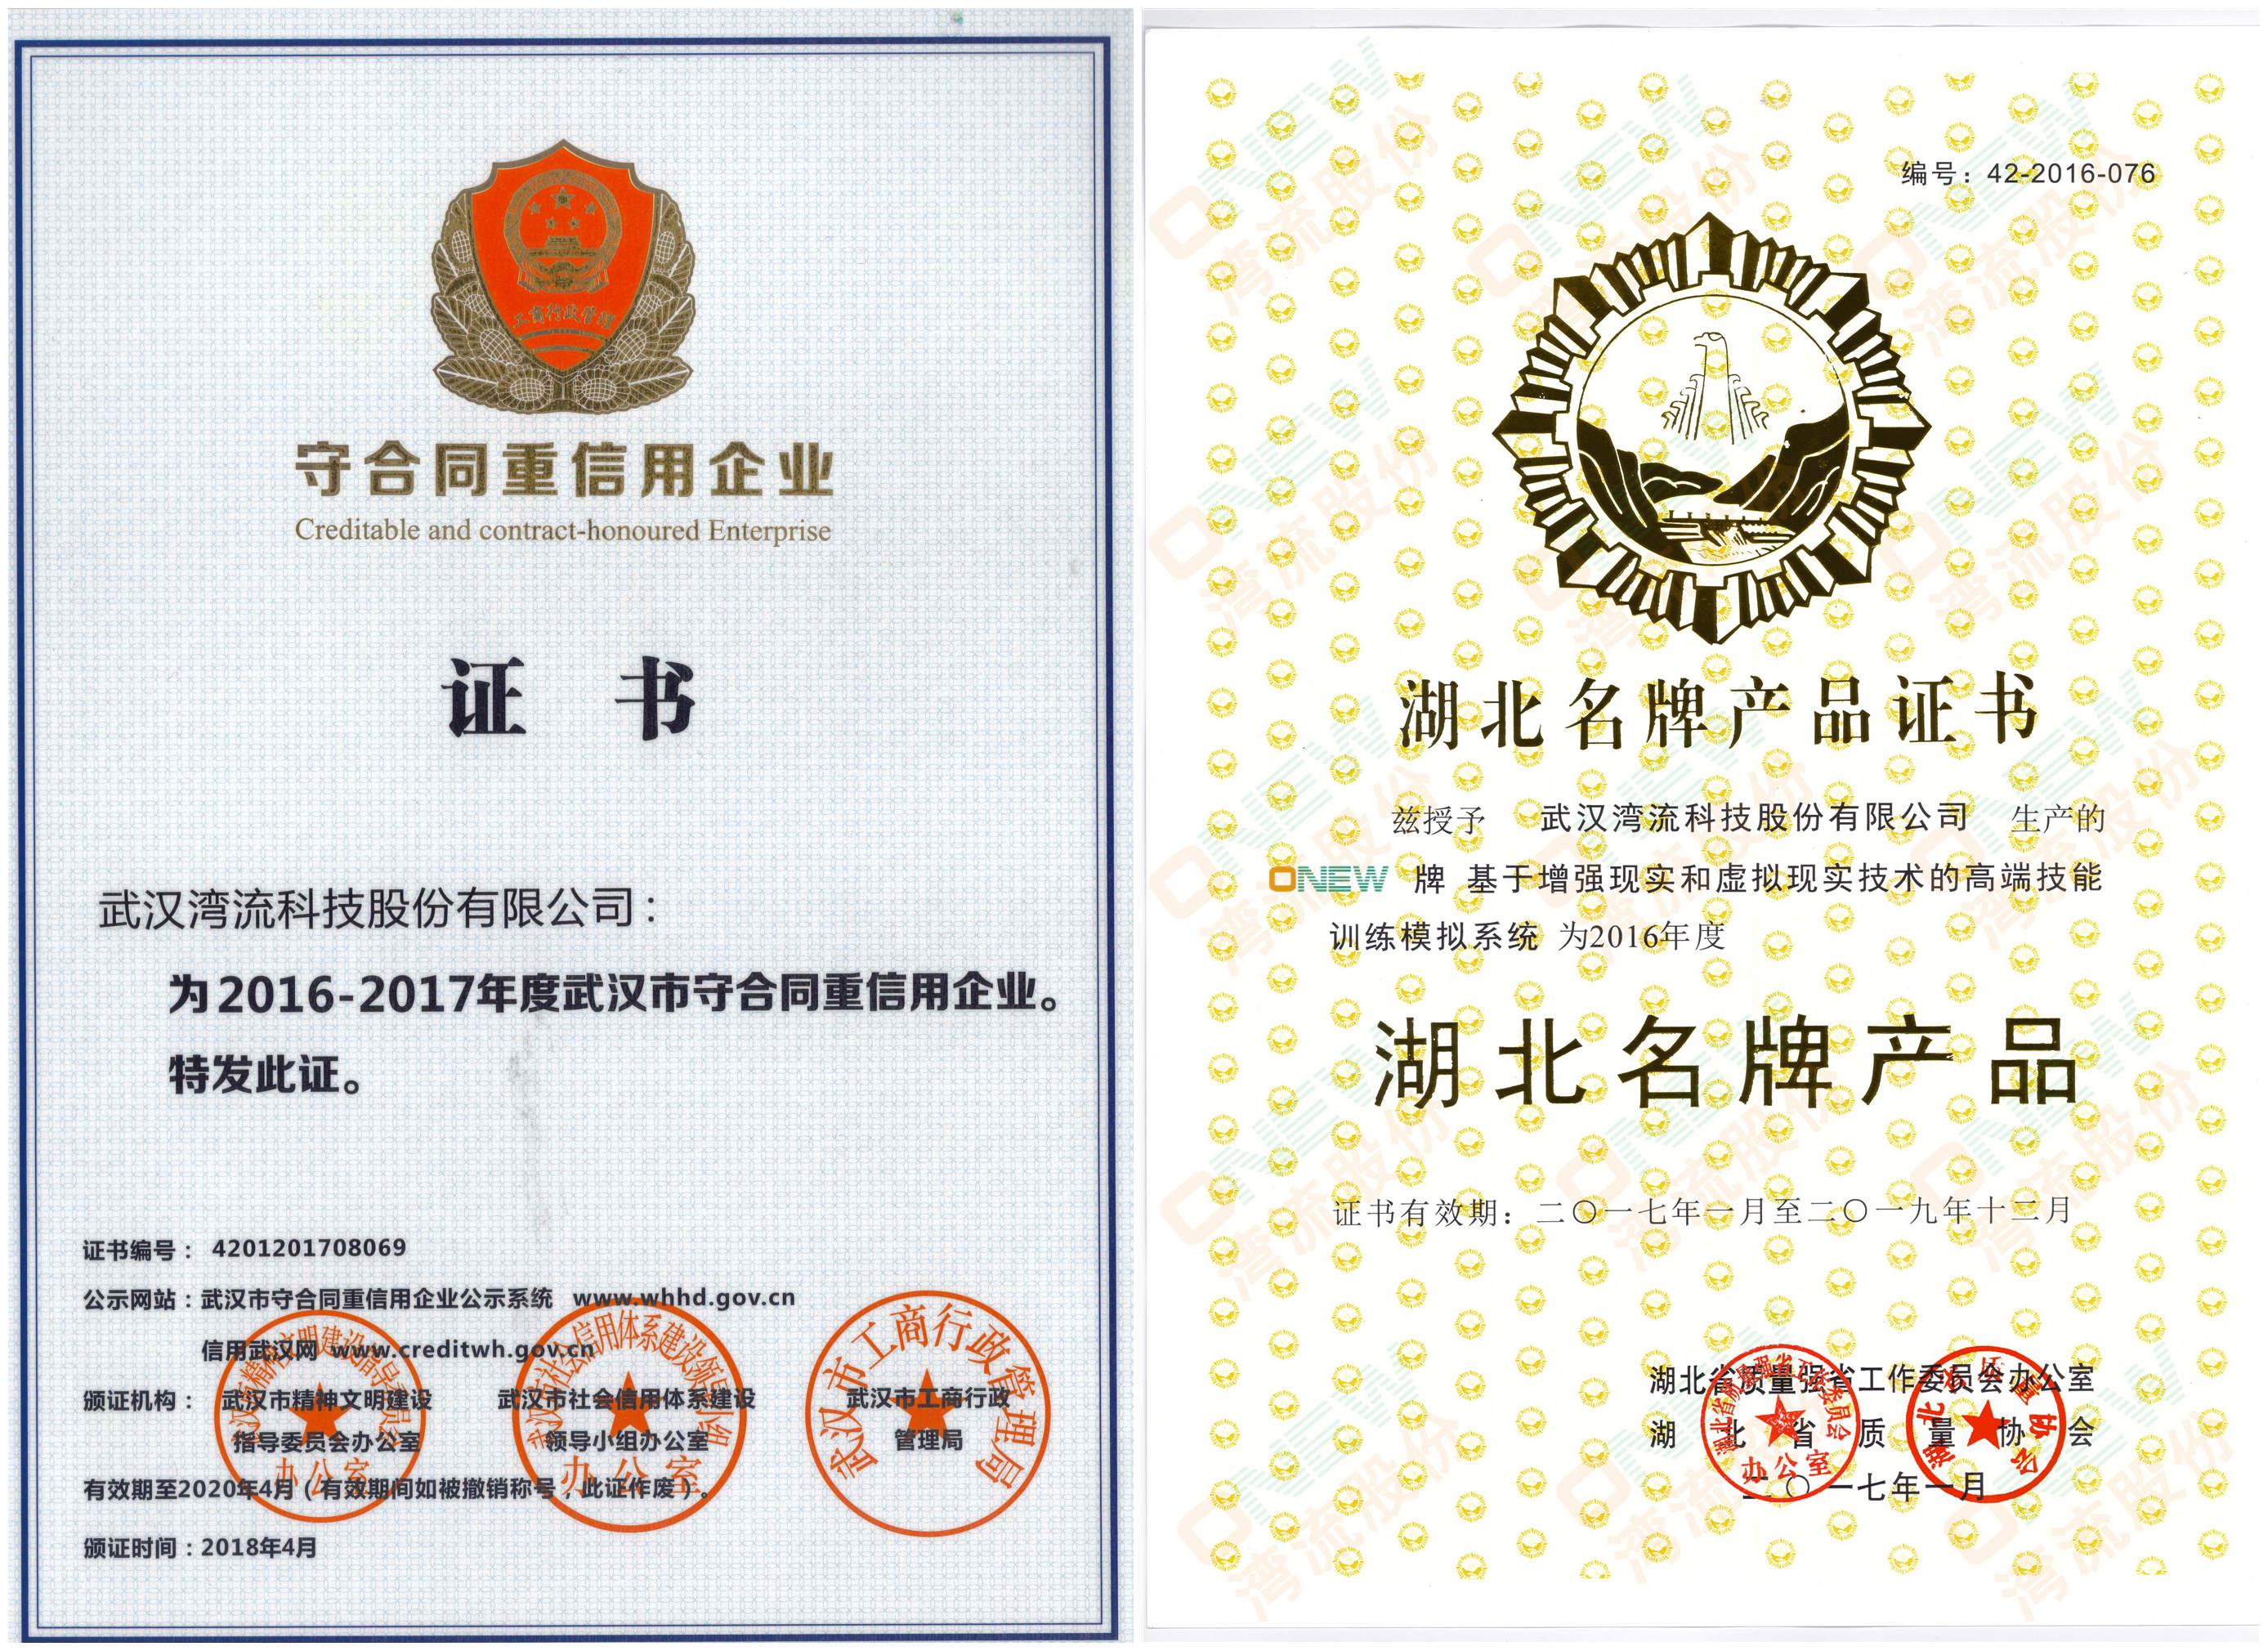 00ISO14001環境管理體系認證證書2015標準_副本